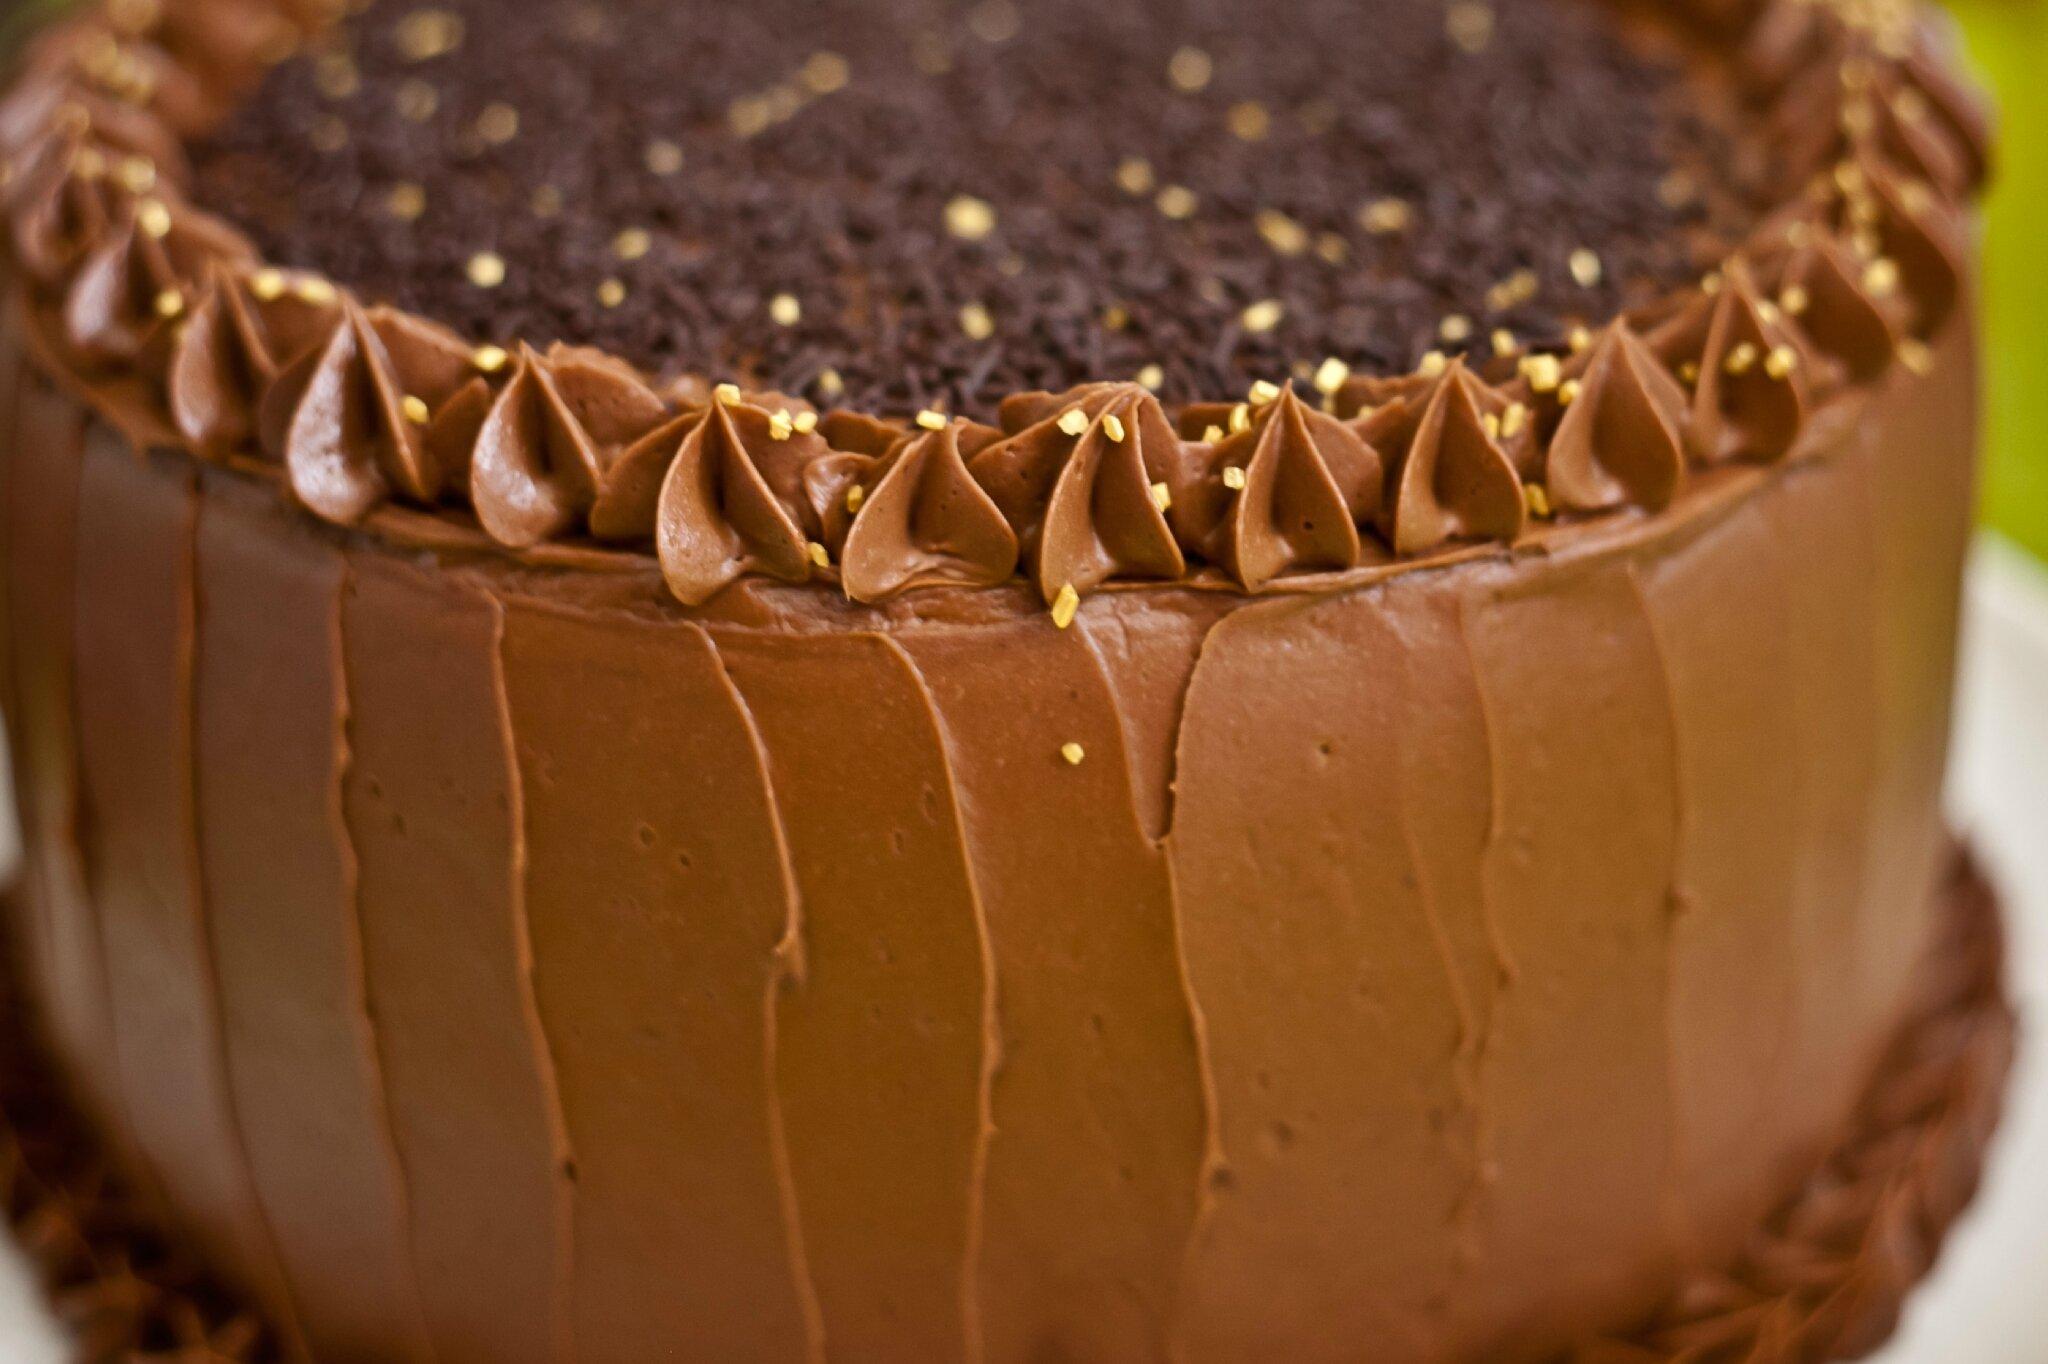 le layer cake choco noisette vanille et caramel au beurre sal 233 mes tribulations gourmandes